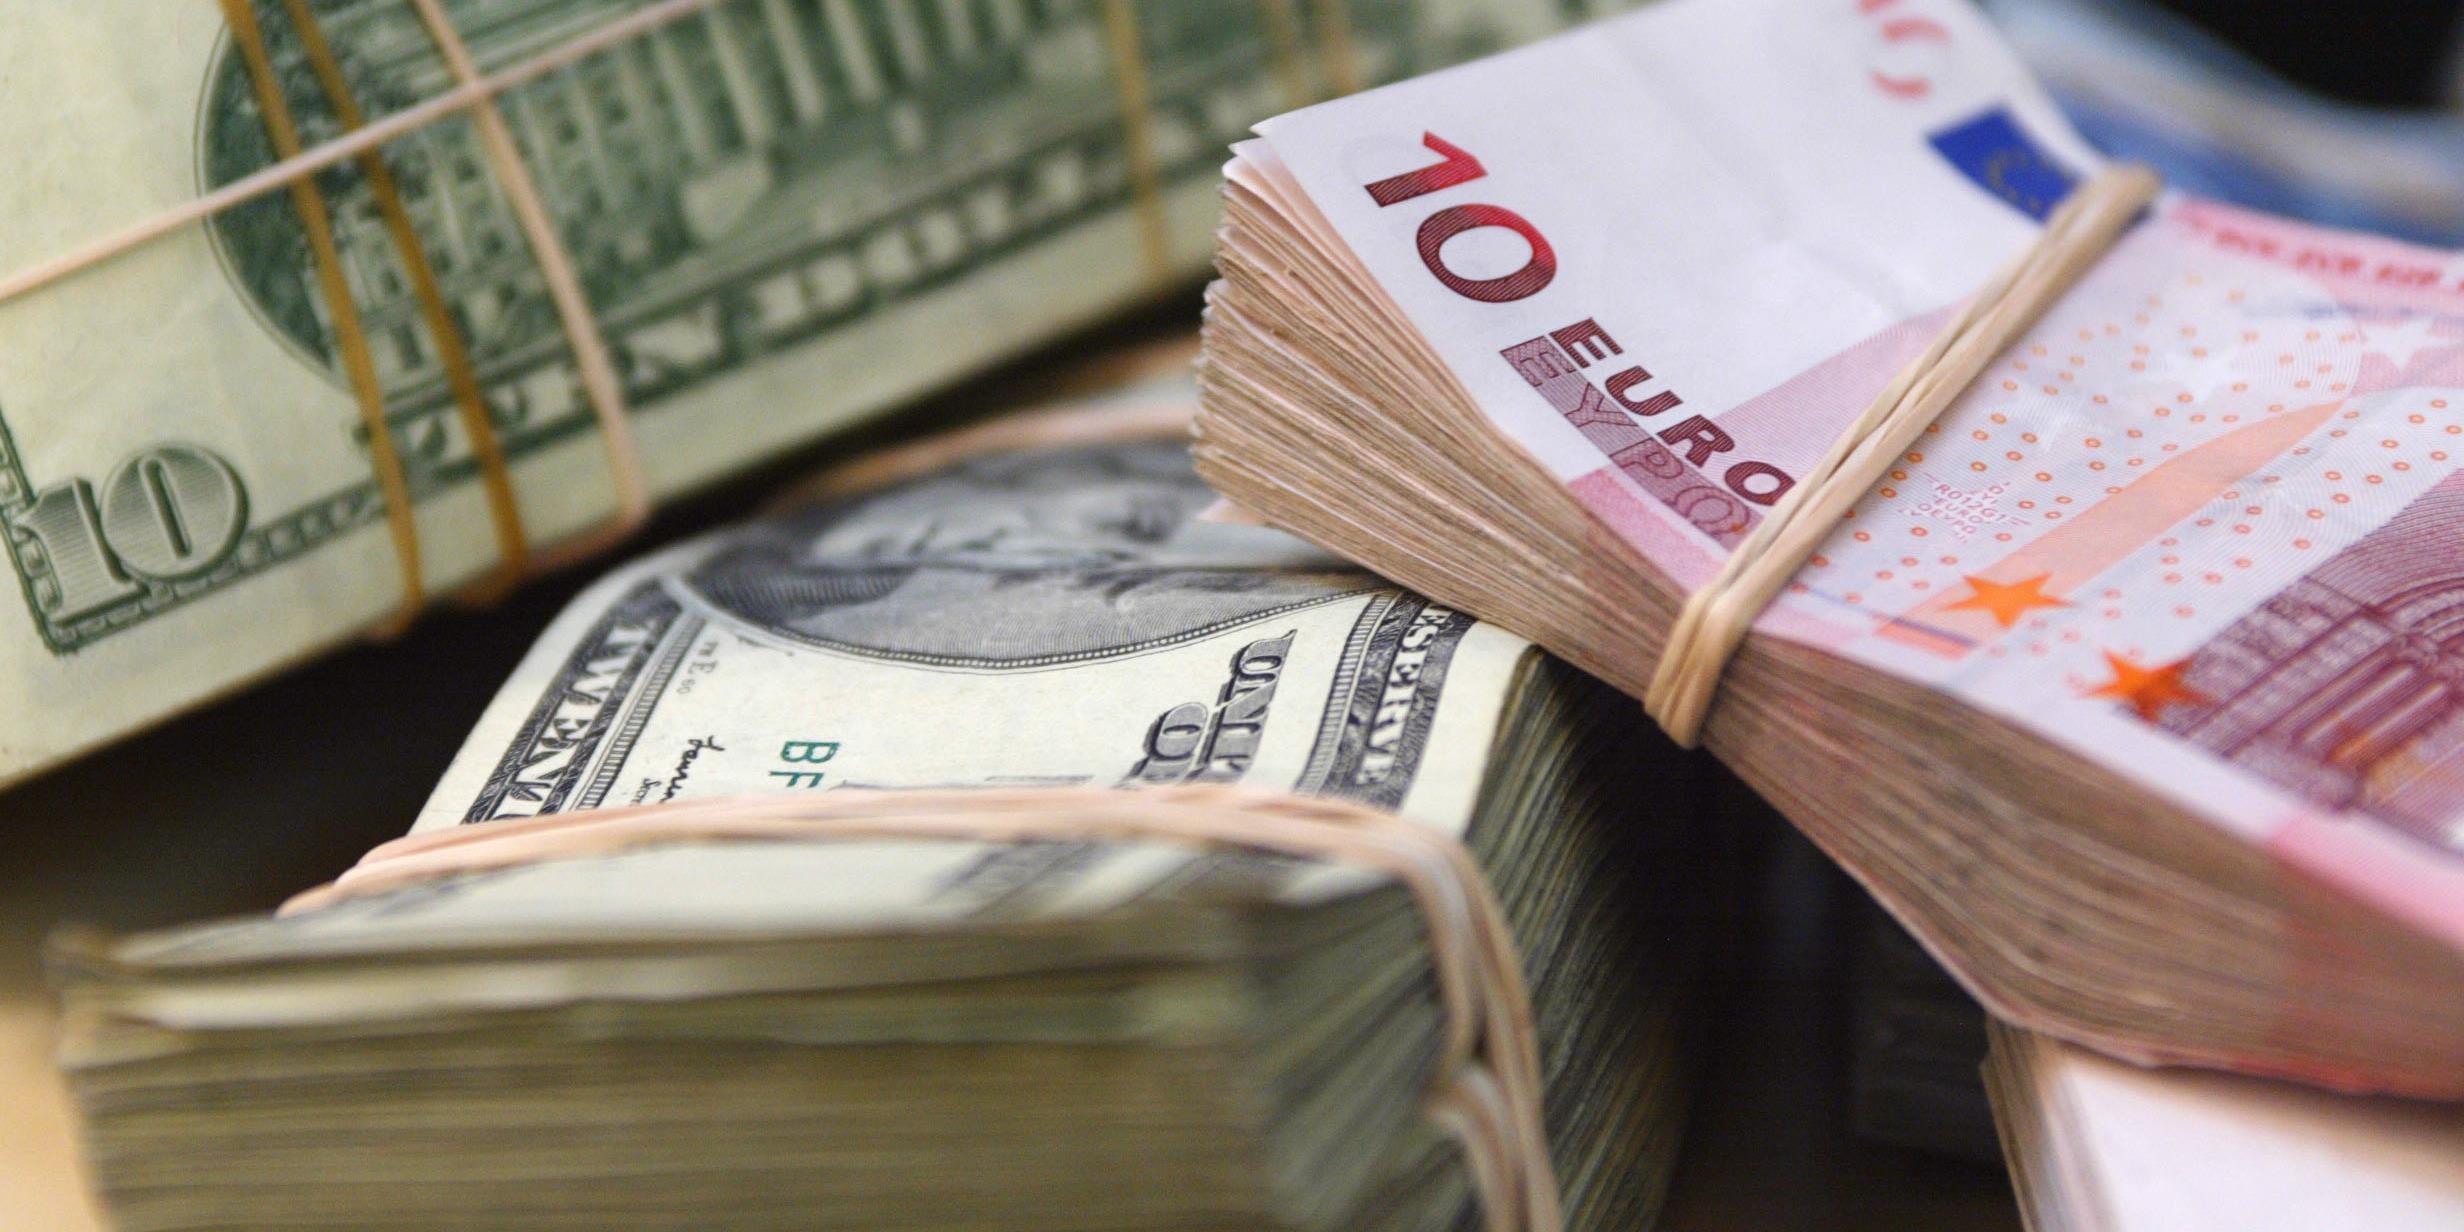 607109a7da Szigorítják a török bankok ellenőrzését